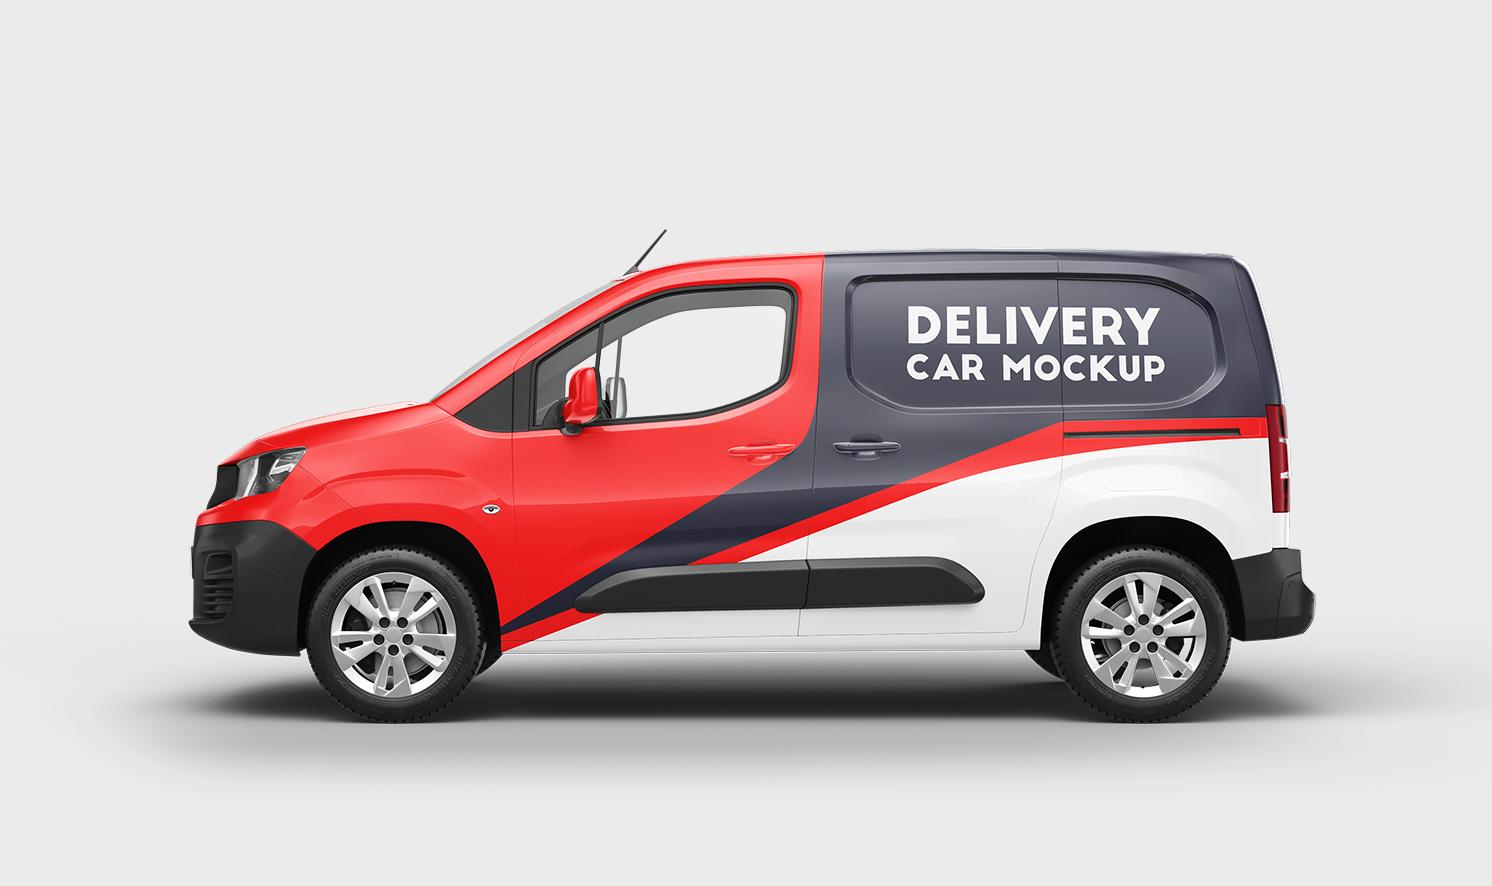 Peugeot Partner Mockup PSD